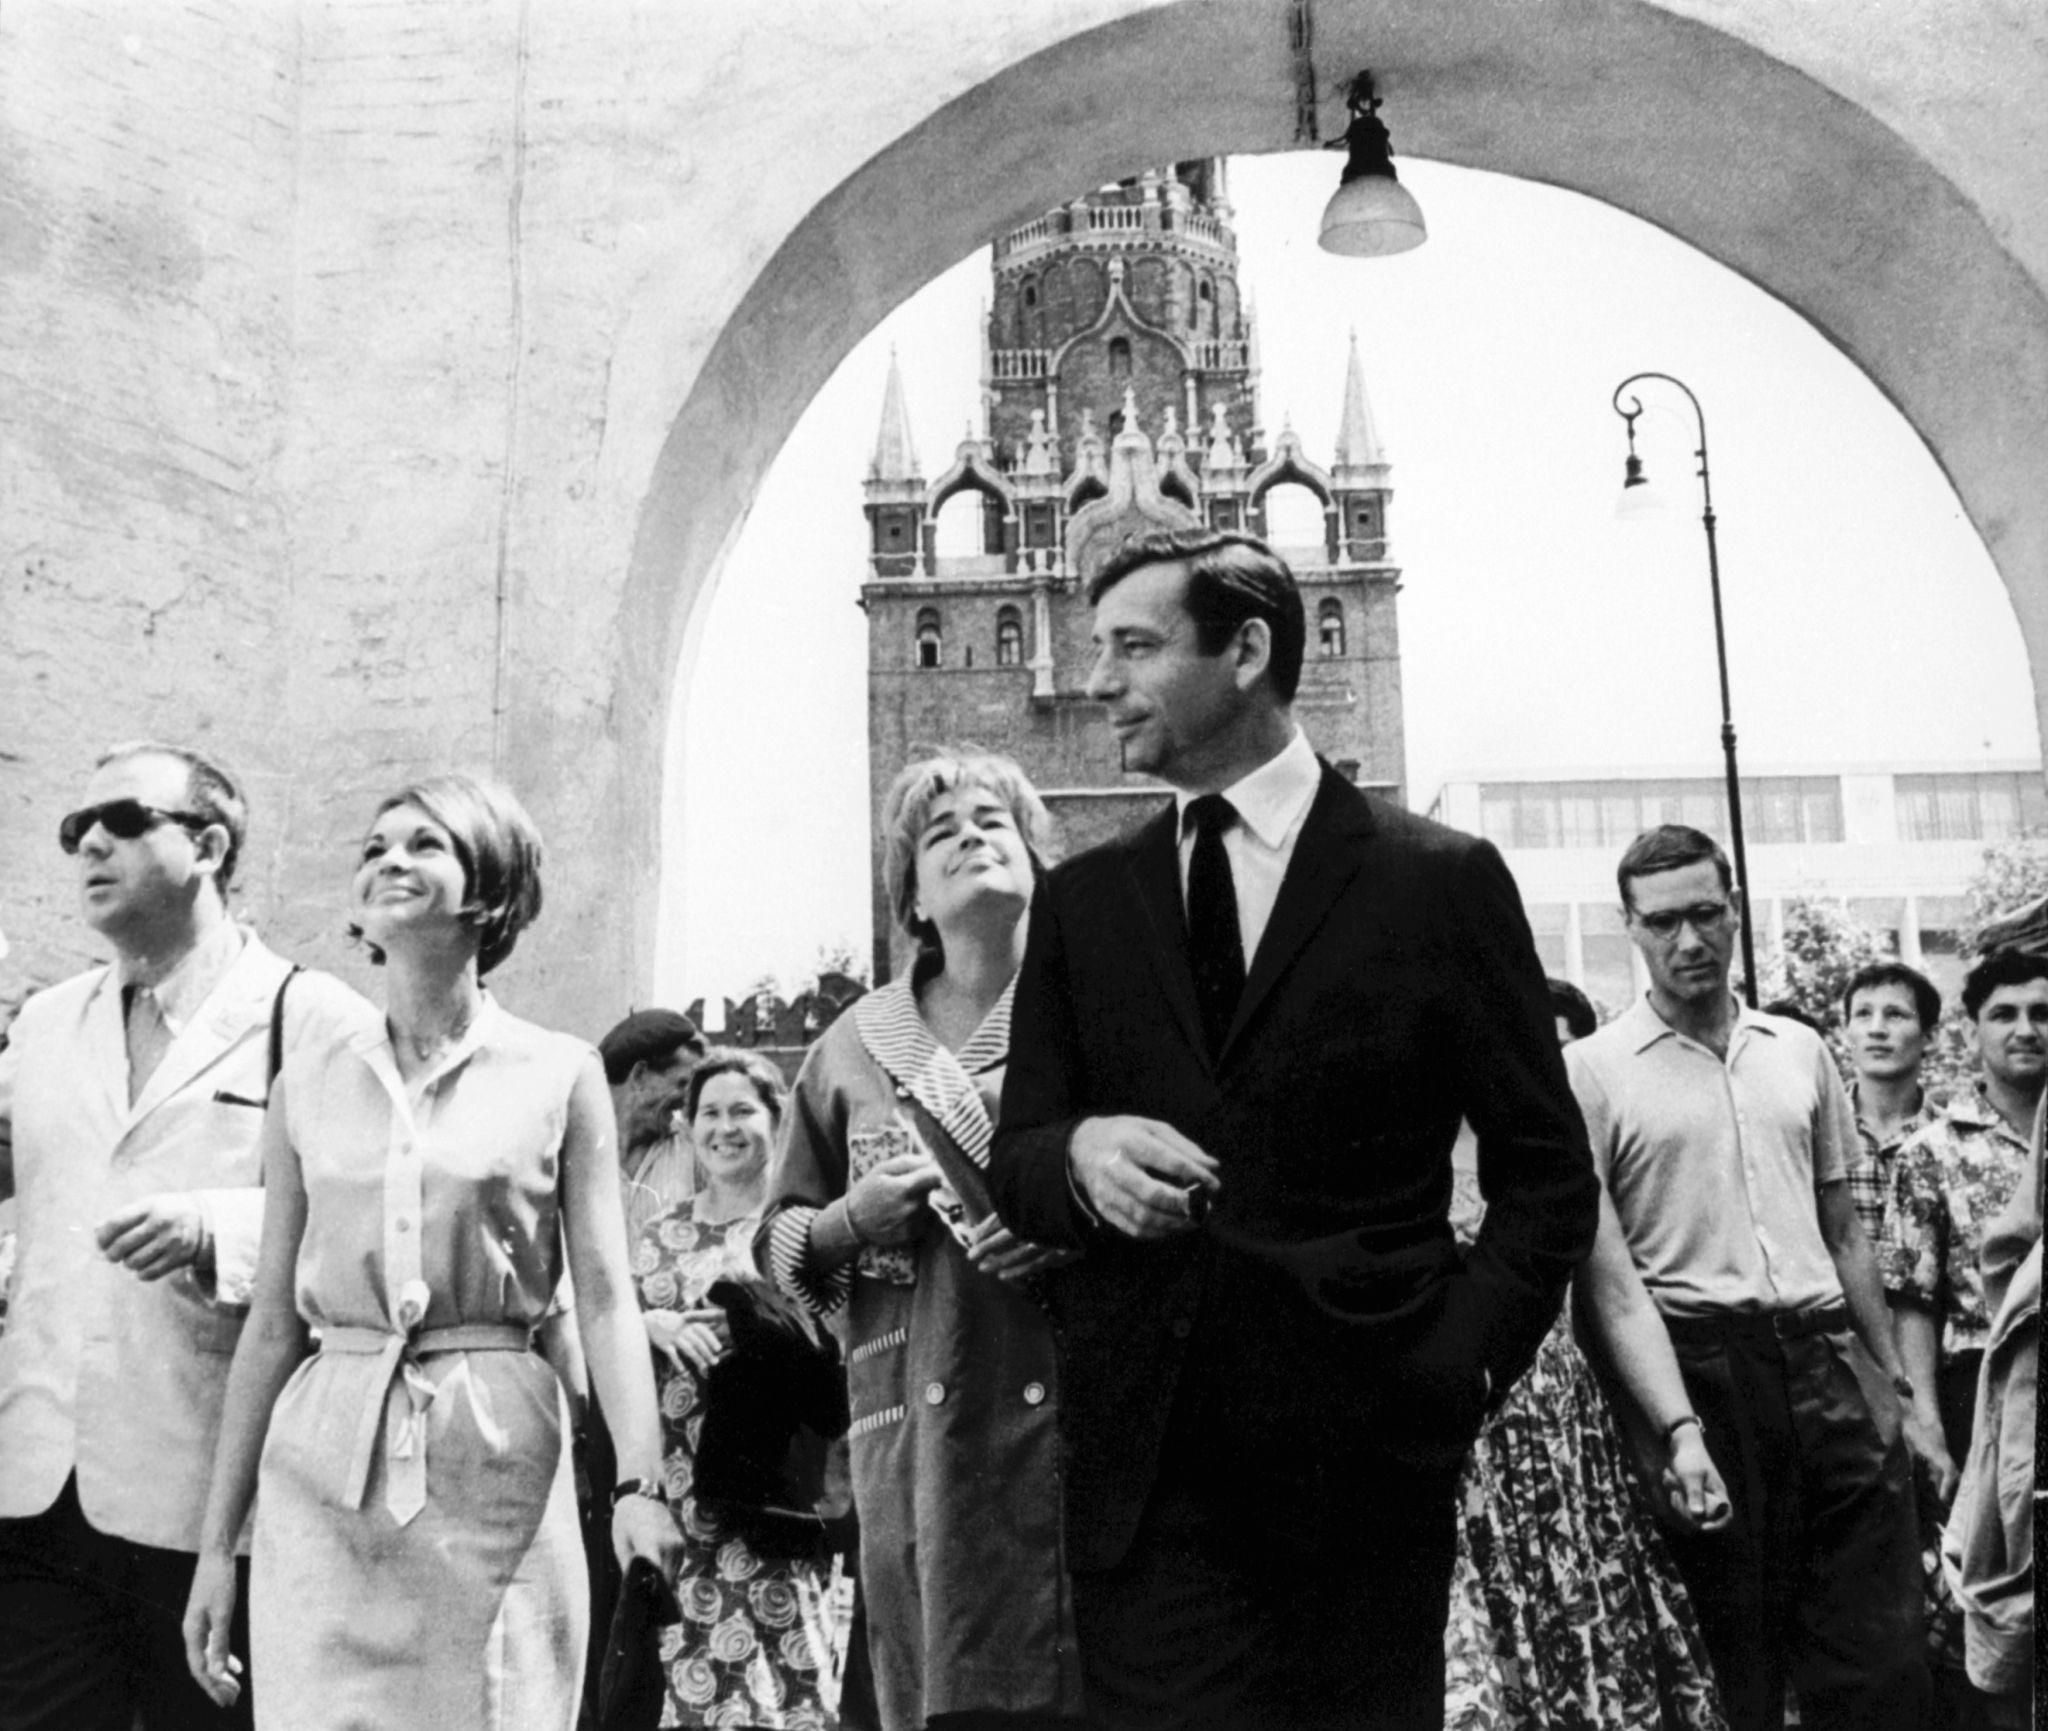 1963. Певец Ив Монтанд и его жена, актриса Симона СИГНОРЕТ, посетили Москву.jpg